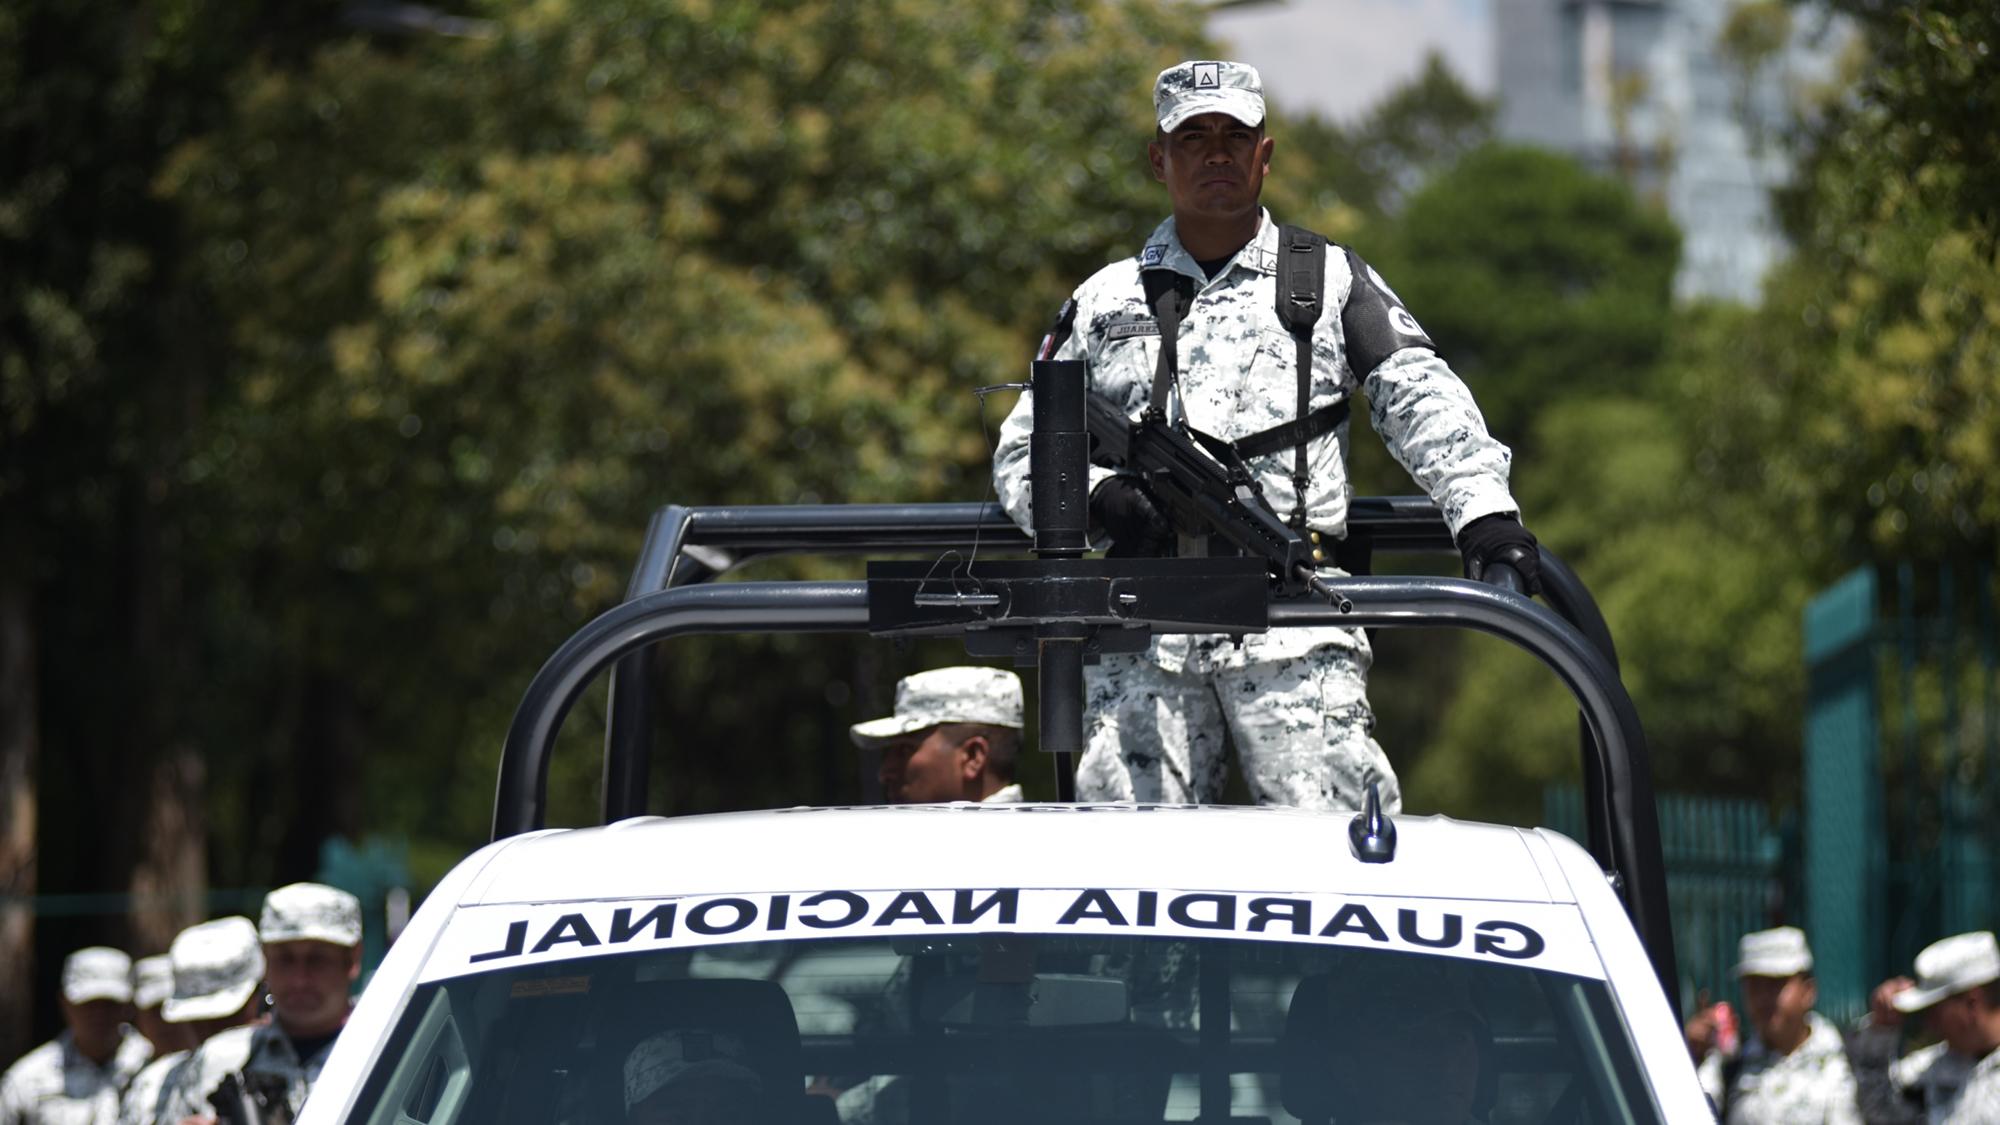 Para 2021, habrá Guardia Nacional en todo el territorio mexicano